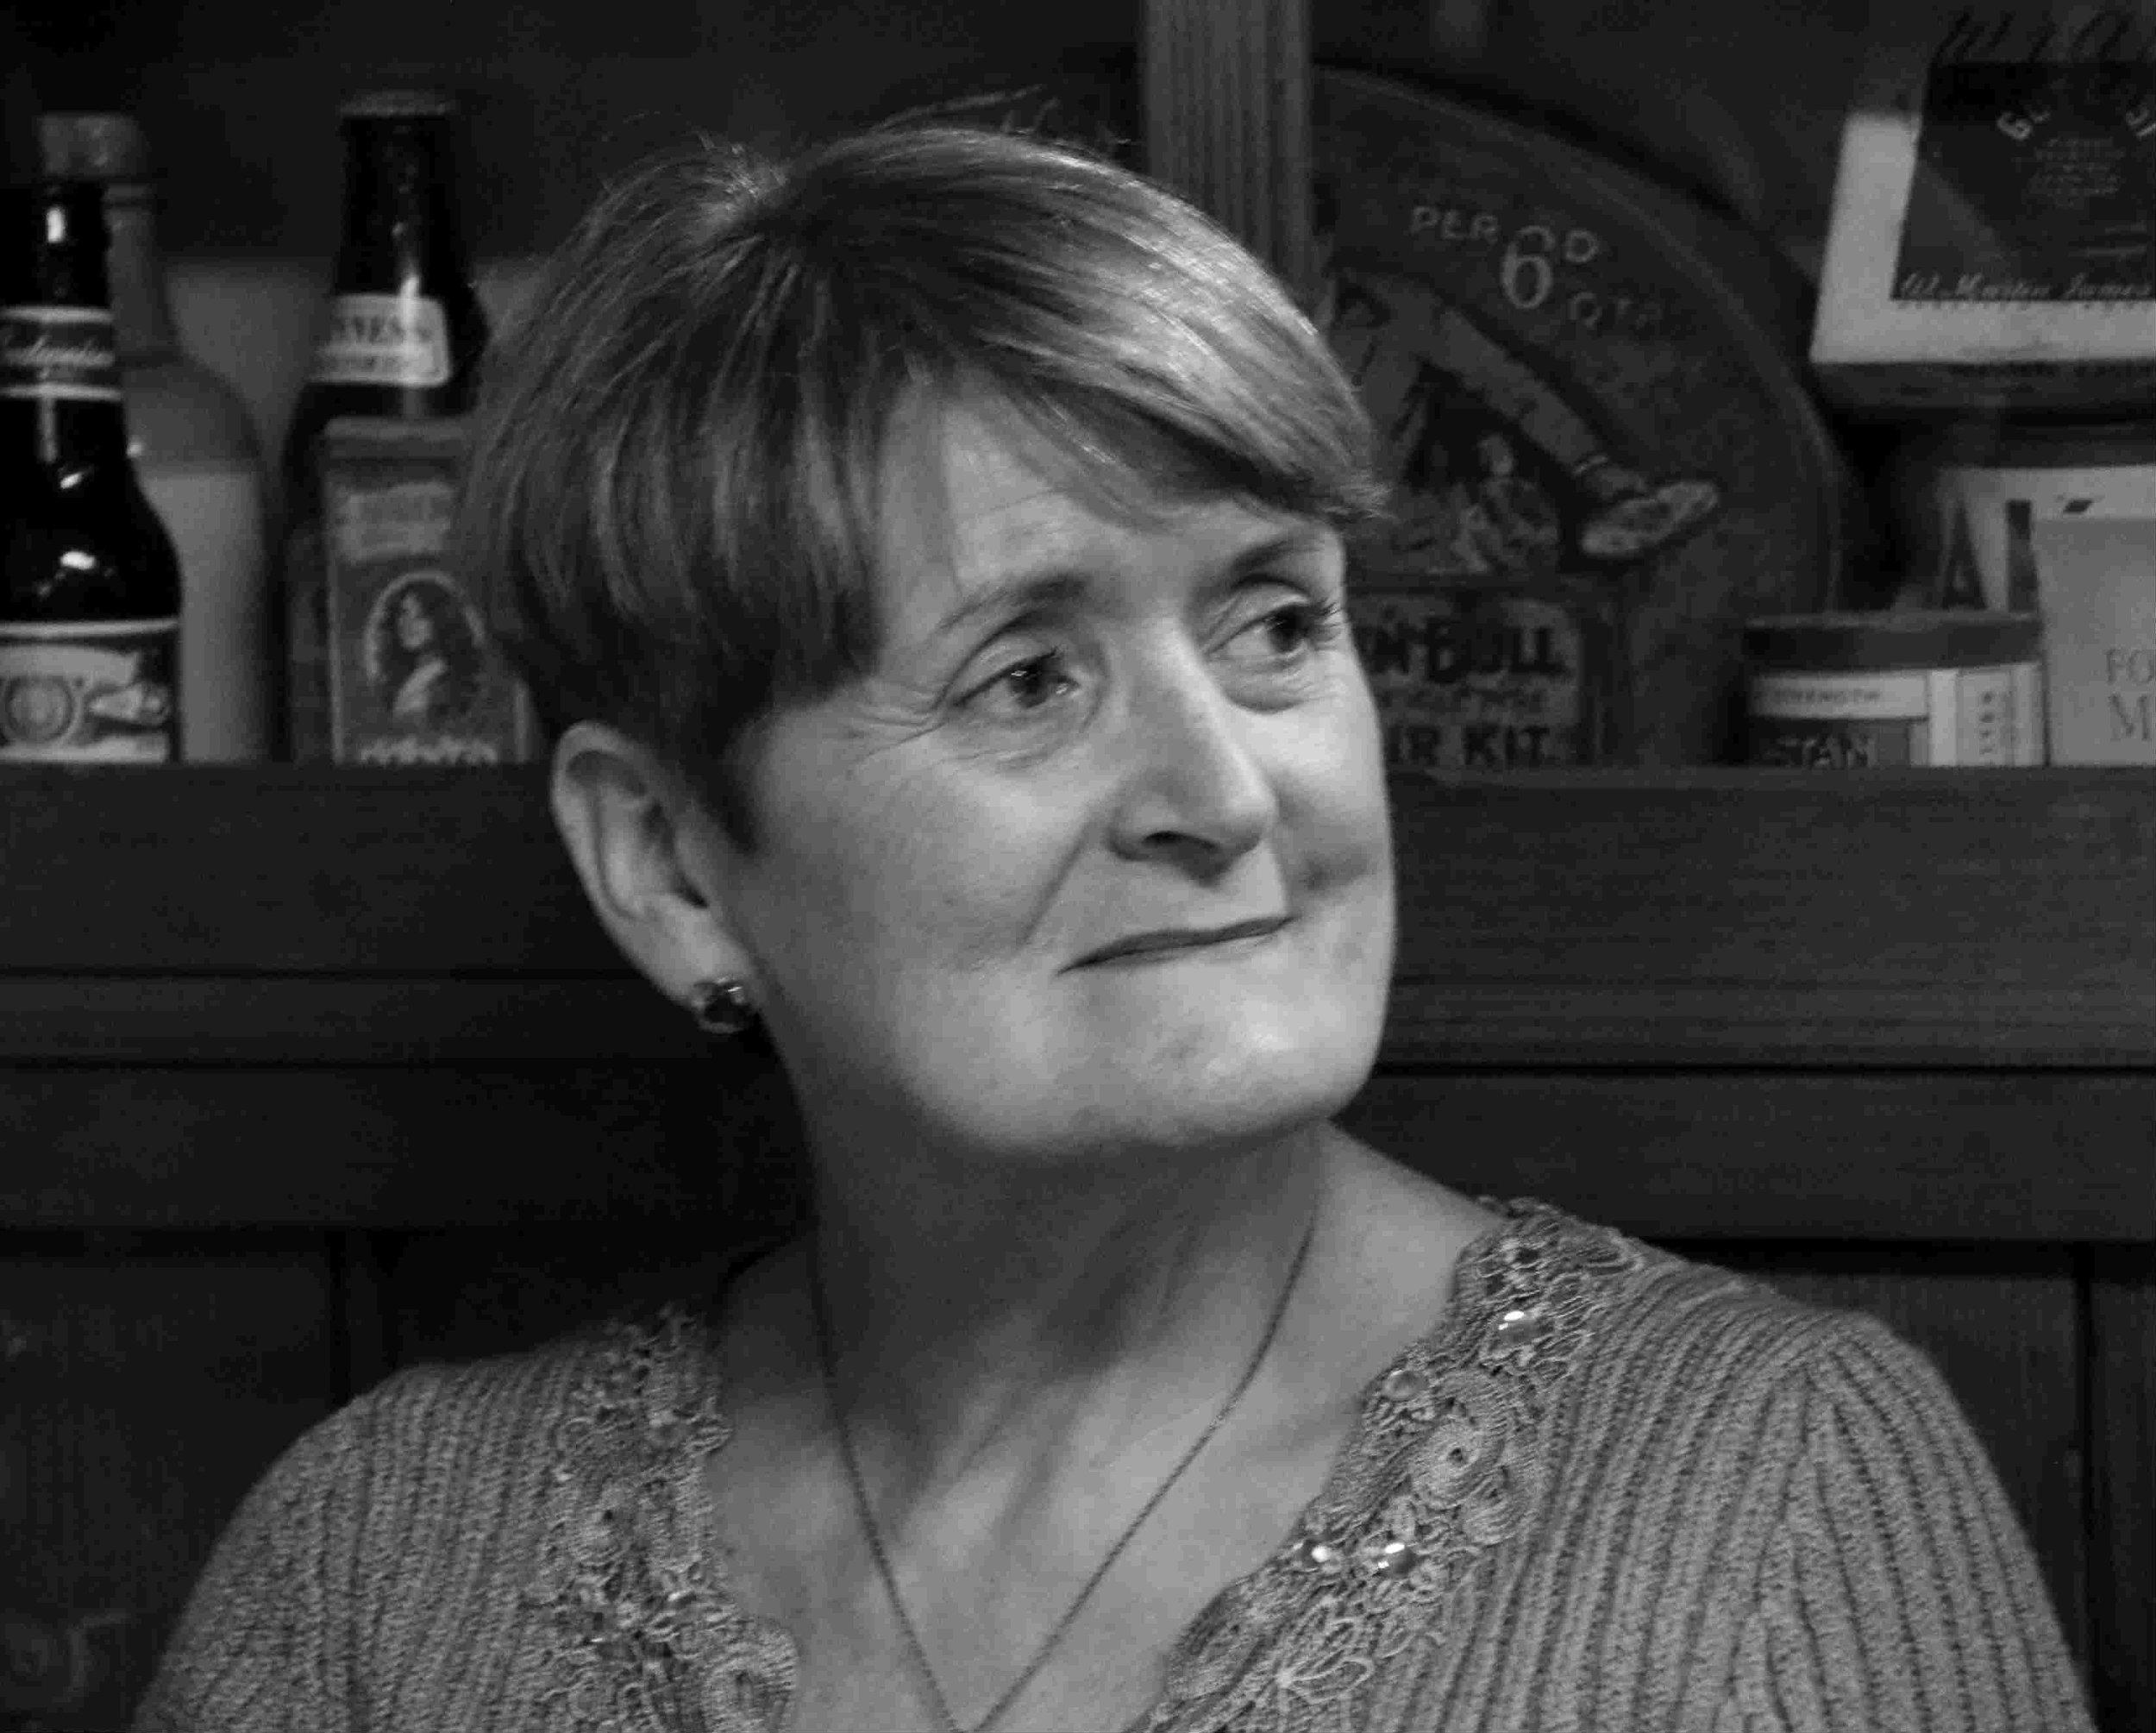 Poetry Reading with Mick Delap - Allingham Festival 2016, Ballyshannon-19.jpg